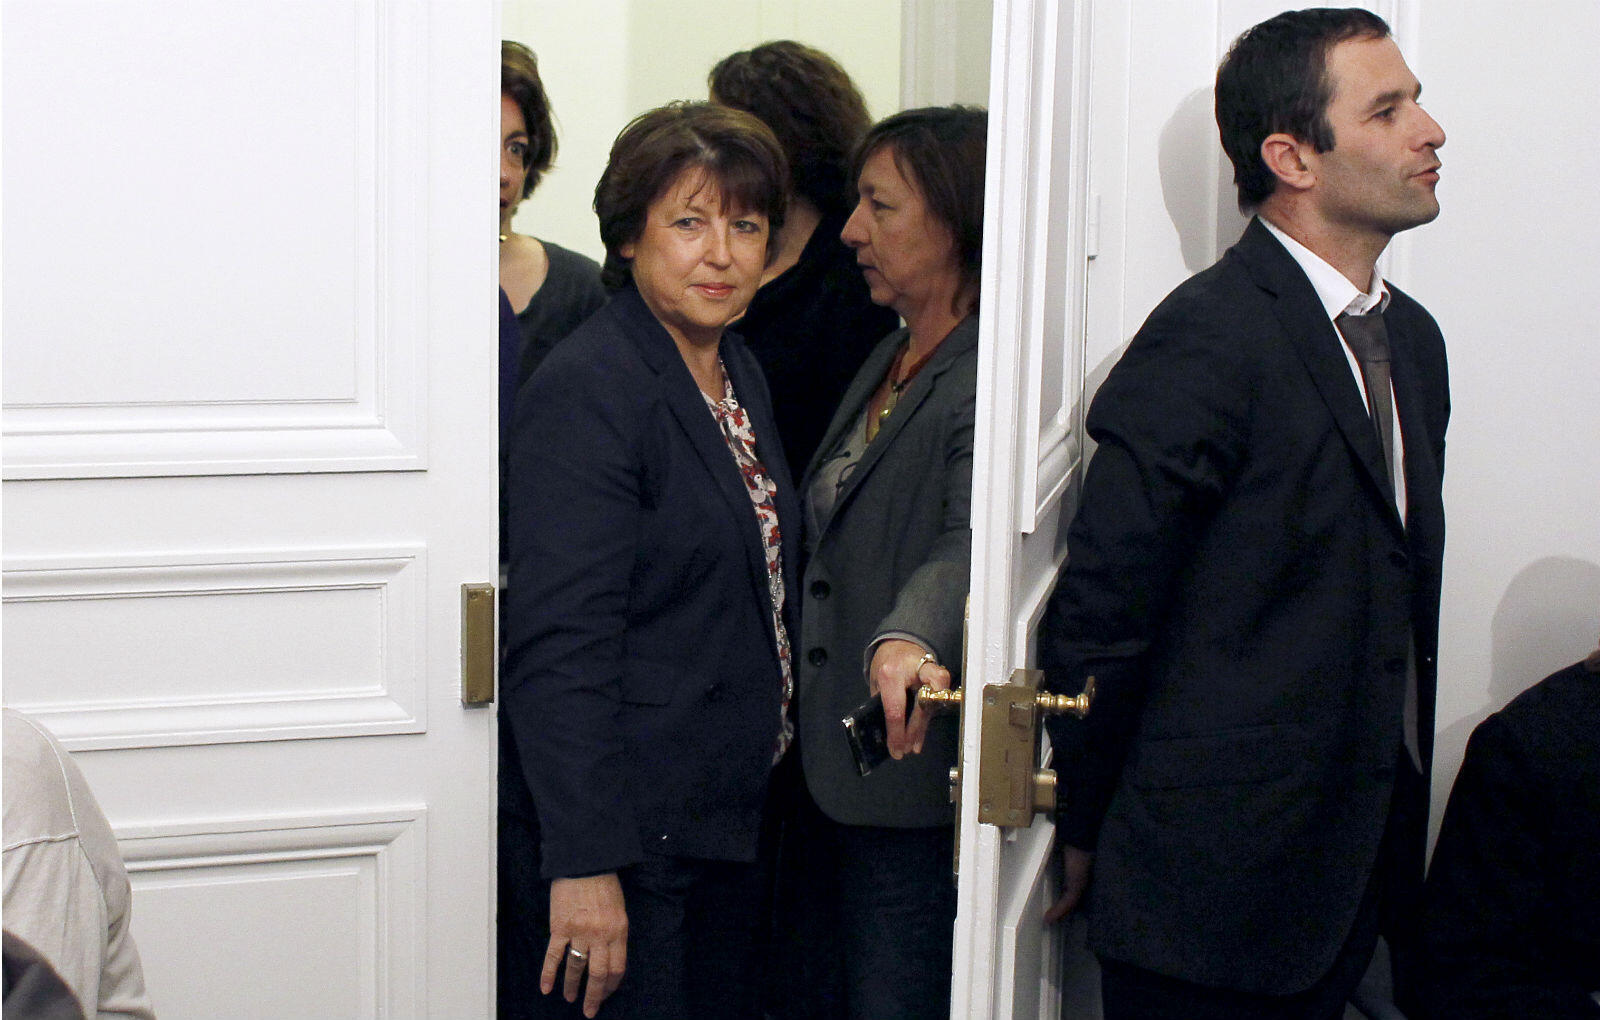 """Il reprend ensuite la tête du courant """"Un Monde d'Avance"""" et devient porte-parole du PS de 2008 à 2012. On le voit ici en 2010 attendre la secrétaire nationale du PS de l'époque, Martine Aubry."""